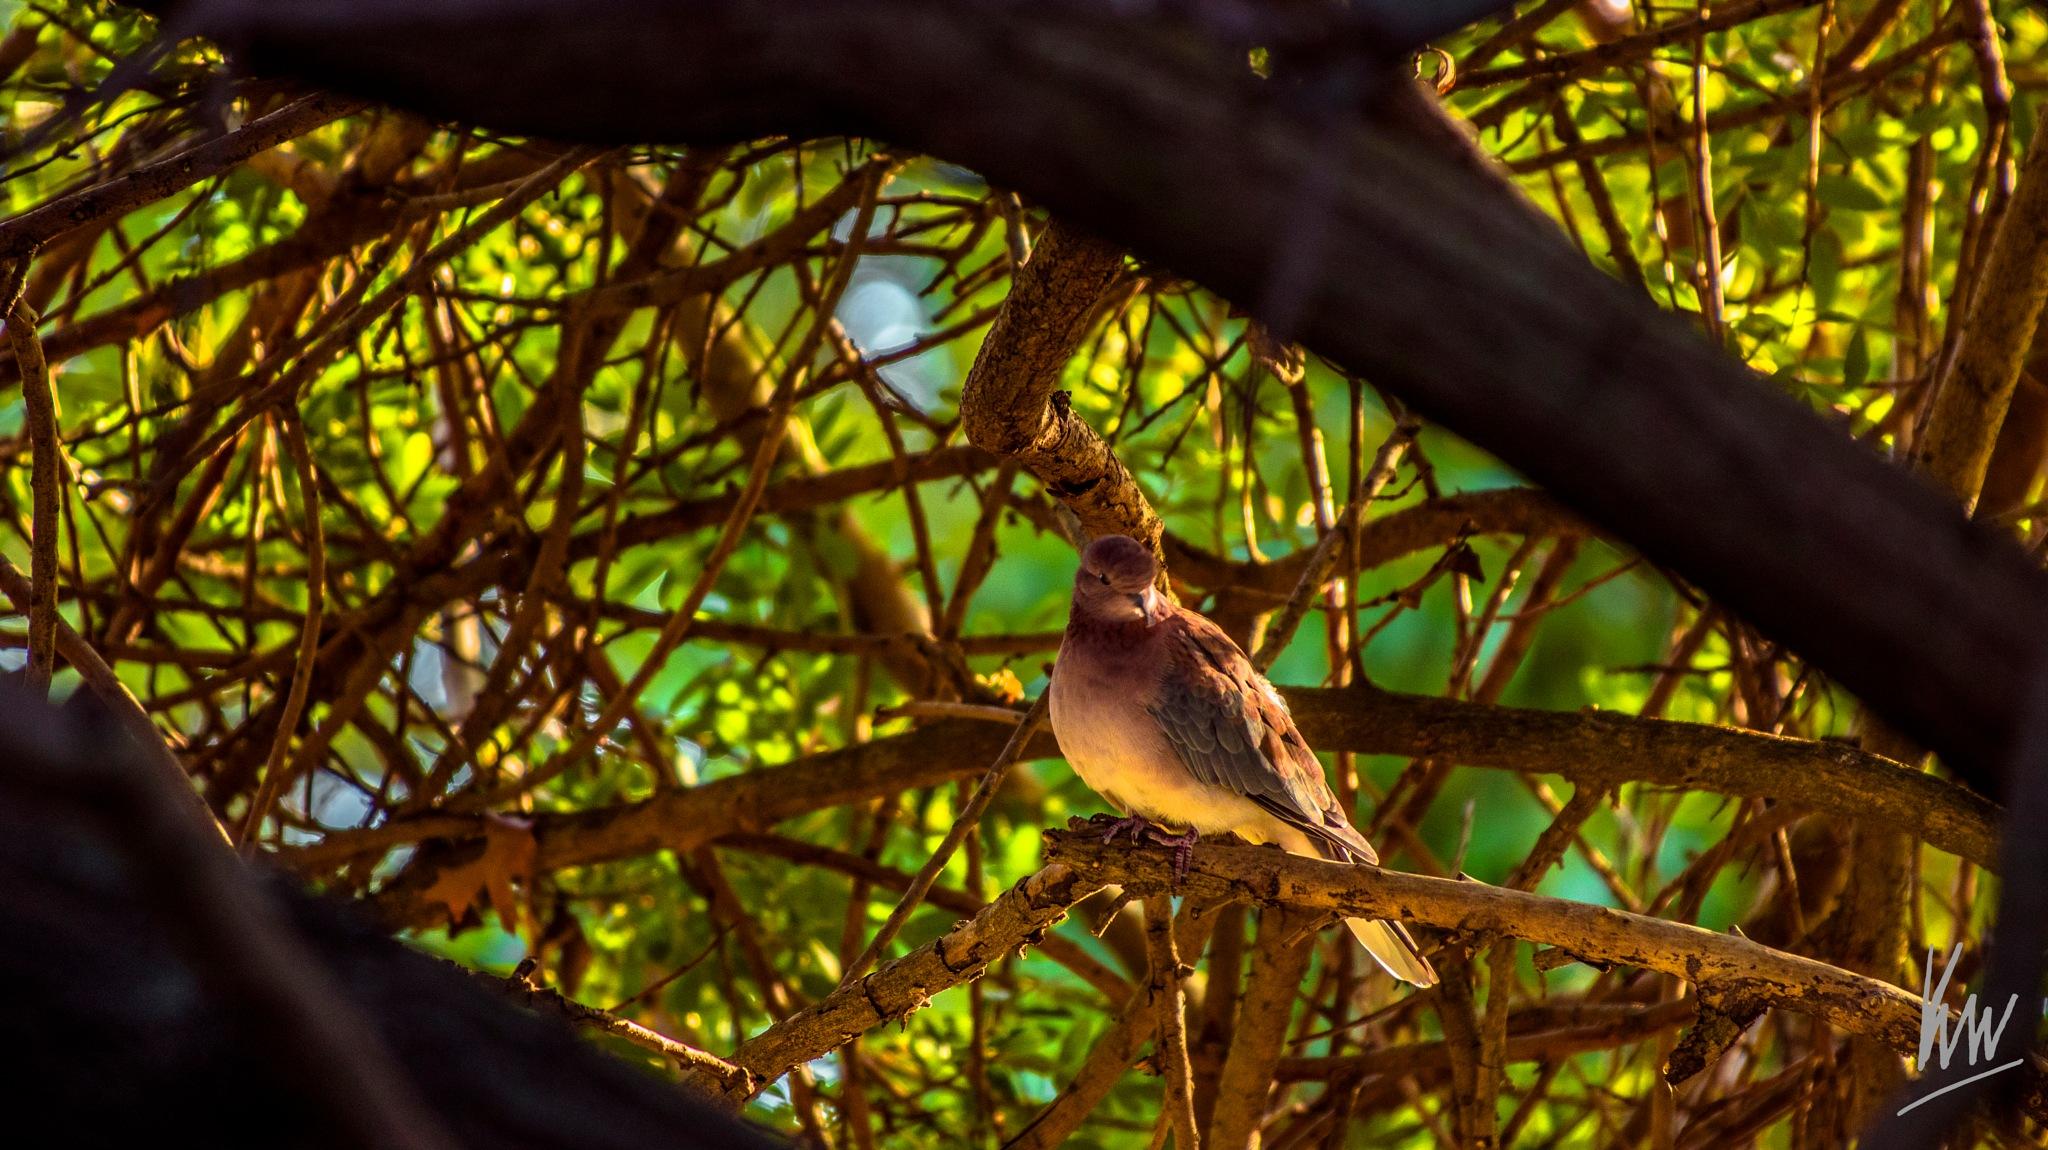 Dove by Ken Ward